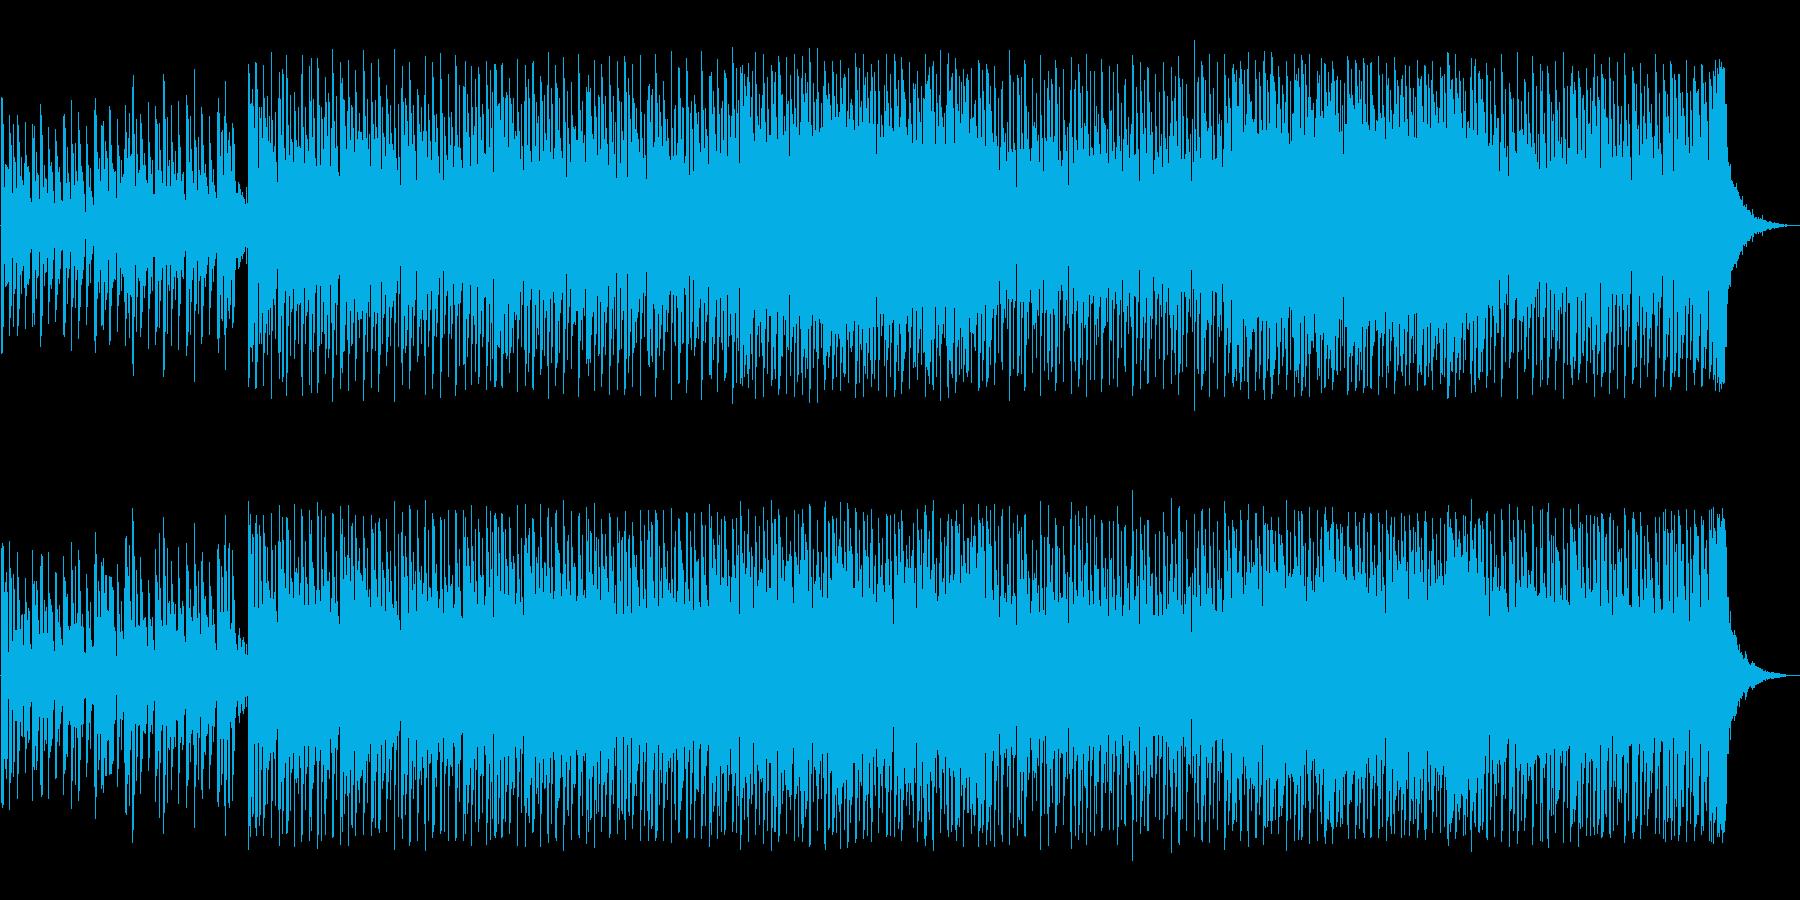 透明感とおしゃれなシンセテクノサウンドの再生済みの波形